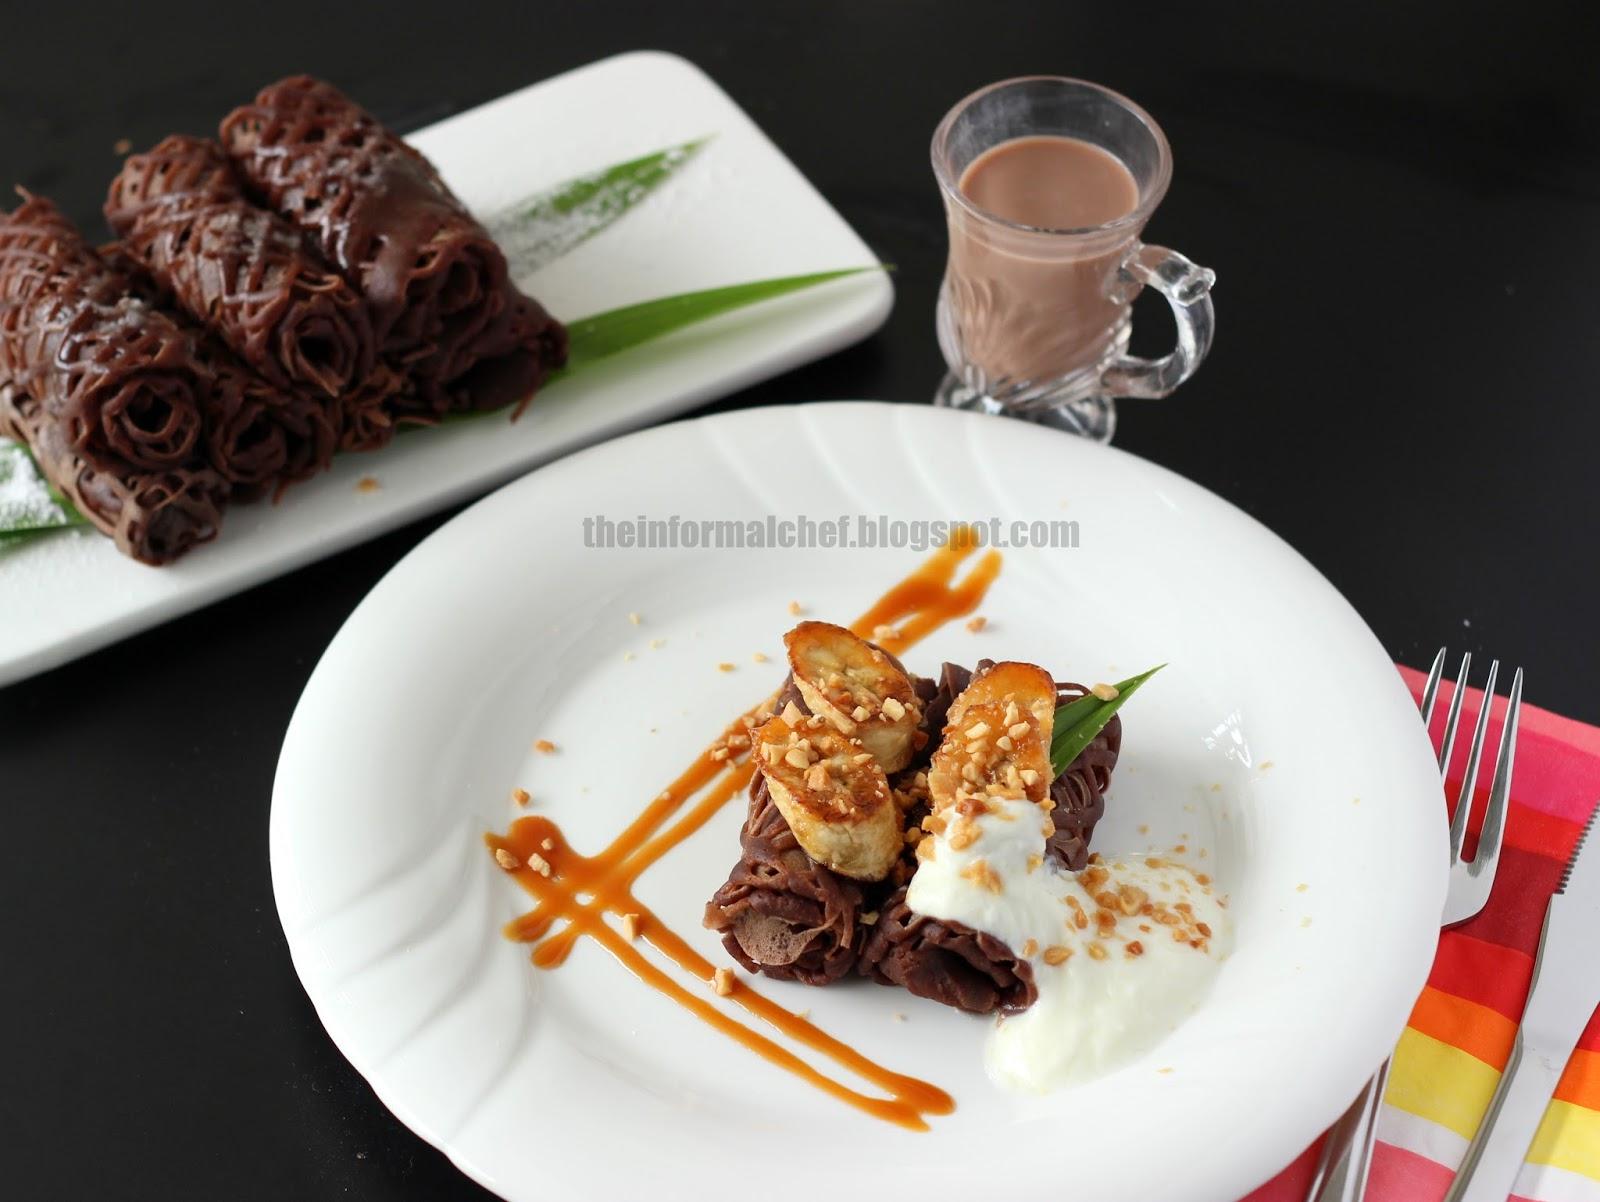 The Informal Chef Chocolate Roti Jala With Caramelised Bananas 焦糖香蕉巧克力网煎饼